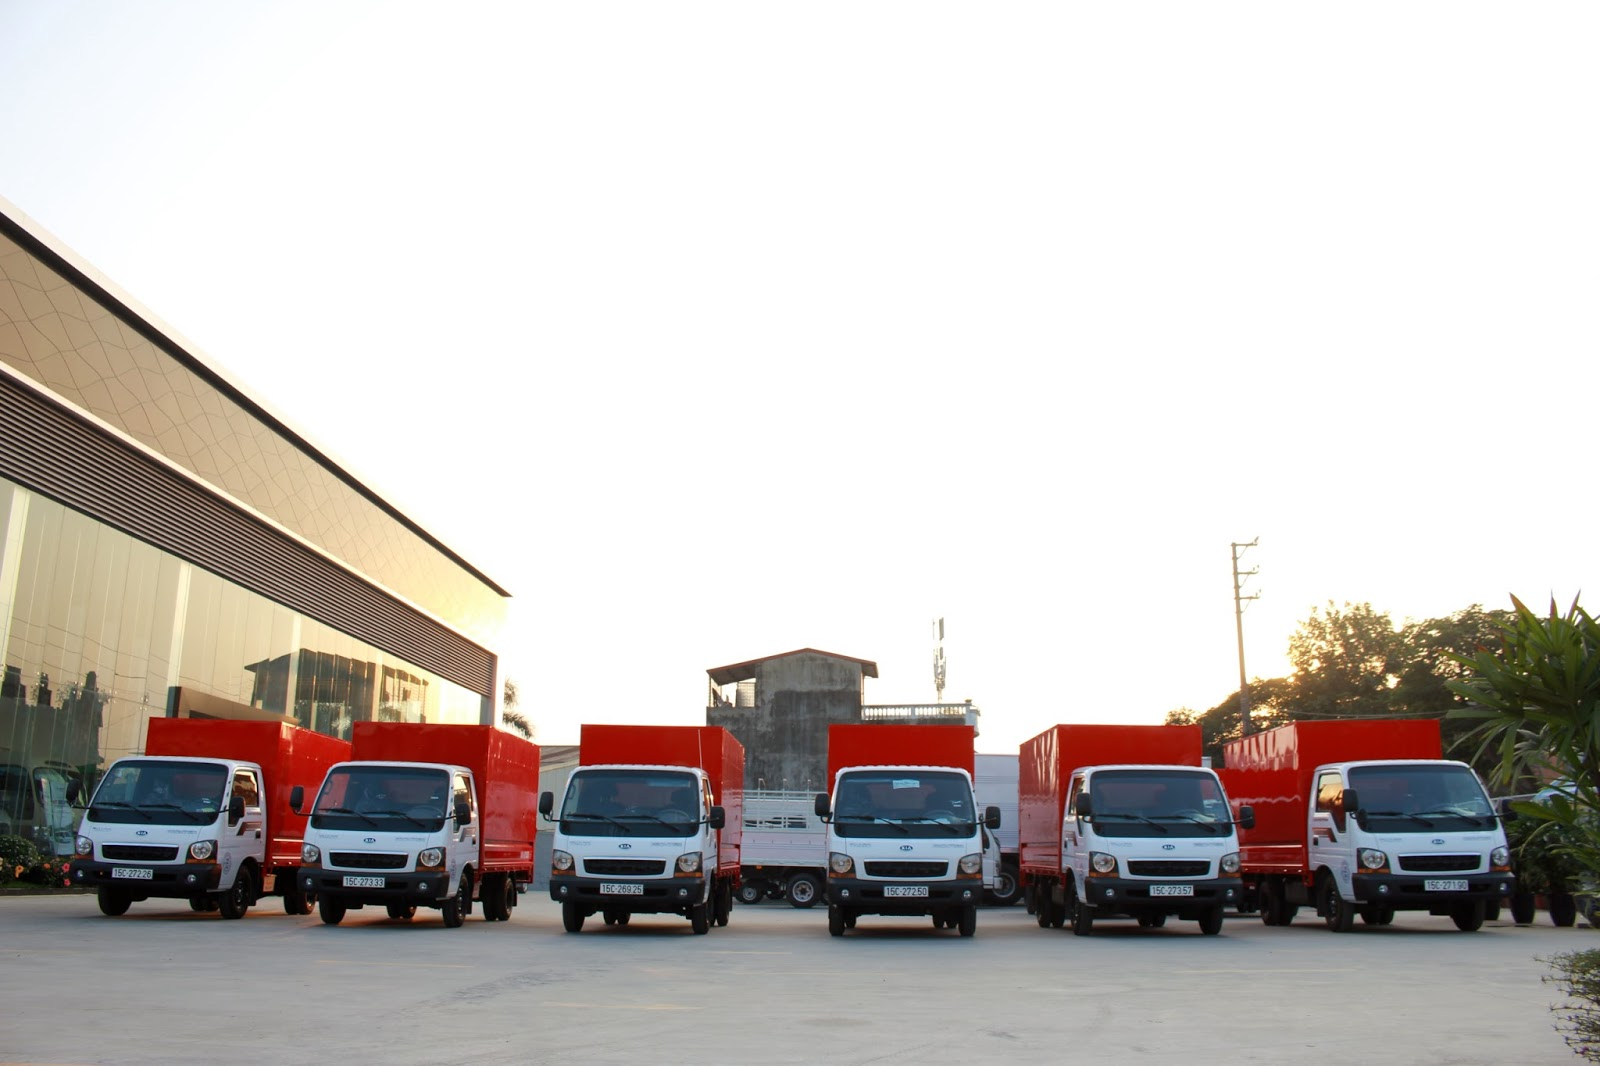 Dịch vụ taxi tải có đầy đủ các loại xe với trọng tải khác nhau